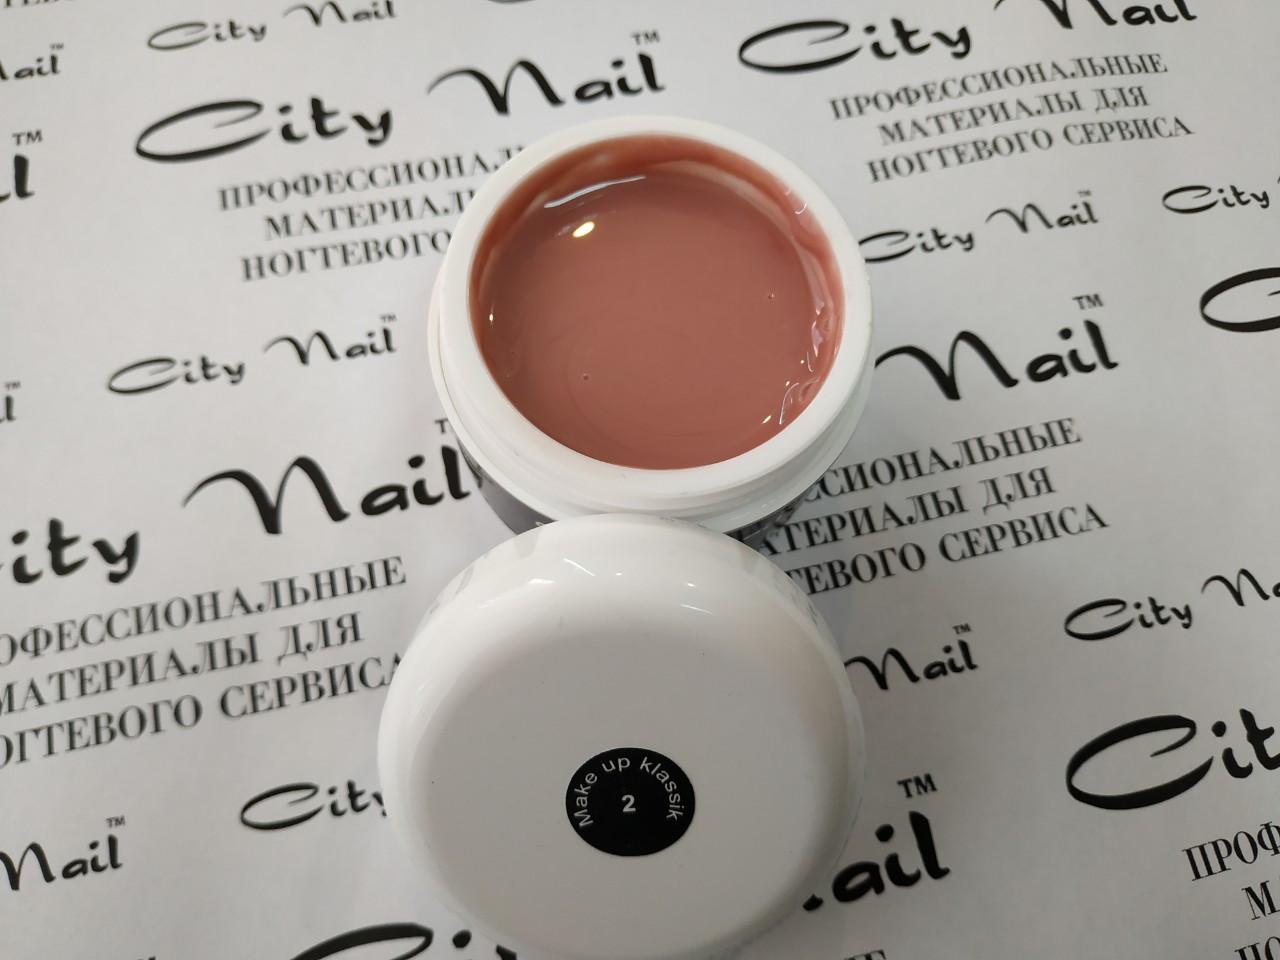 Камуфлирующий гель Make up klassik 2 ТМ CityNail 15 мл